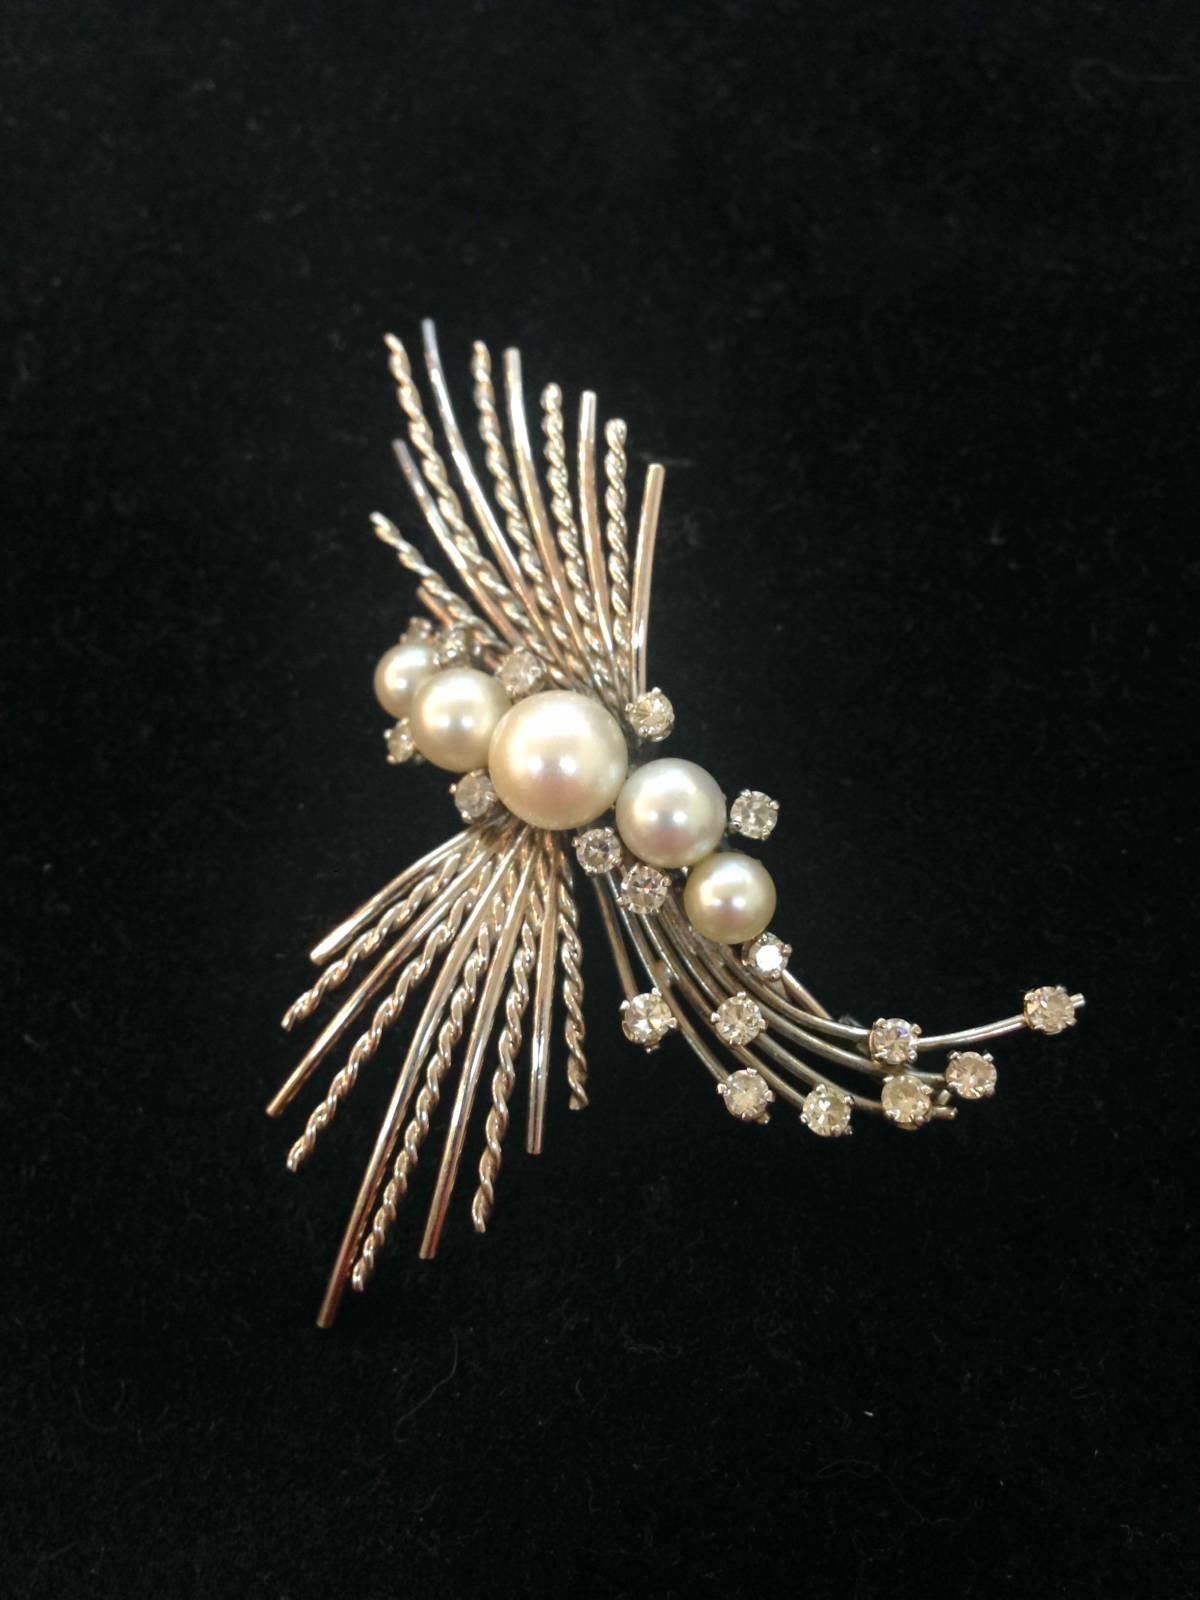 broche libellule or blanc 750 1000 me diamants et perles d p t vente la teste expert en. Black Bedroom Furniture Sets. Home Design Ideas